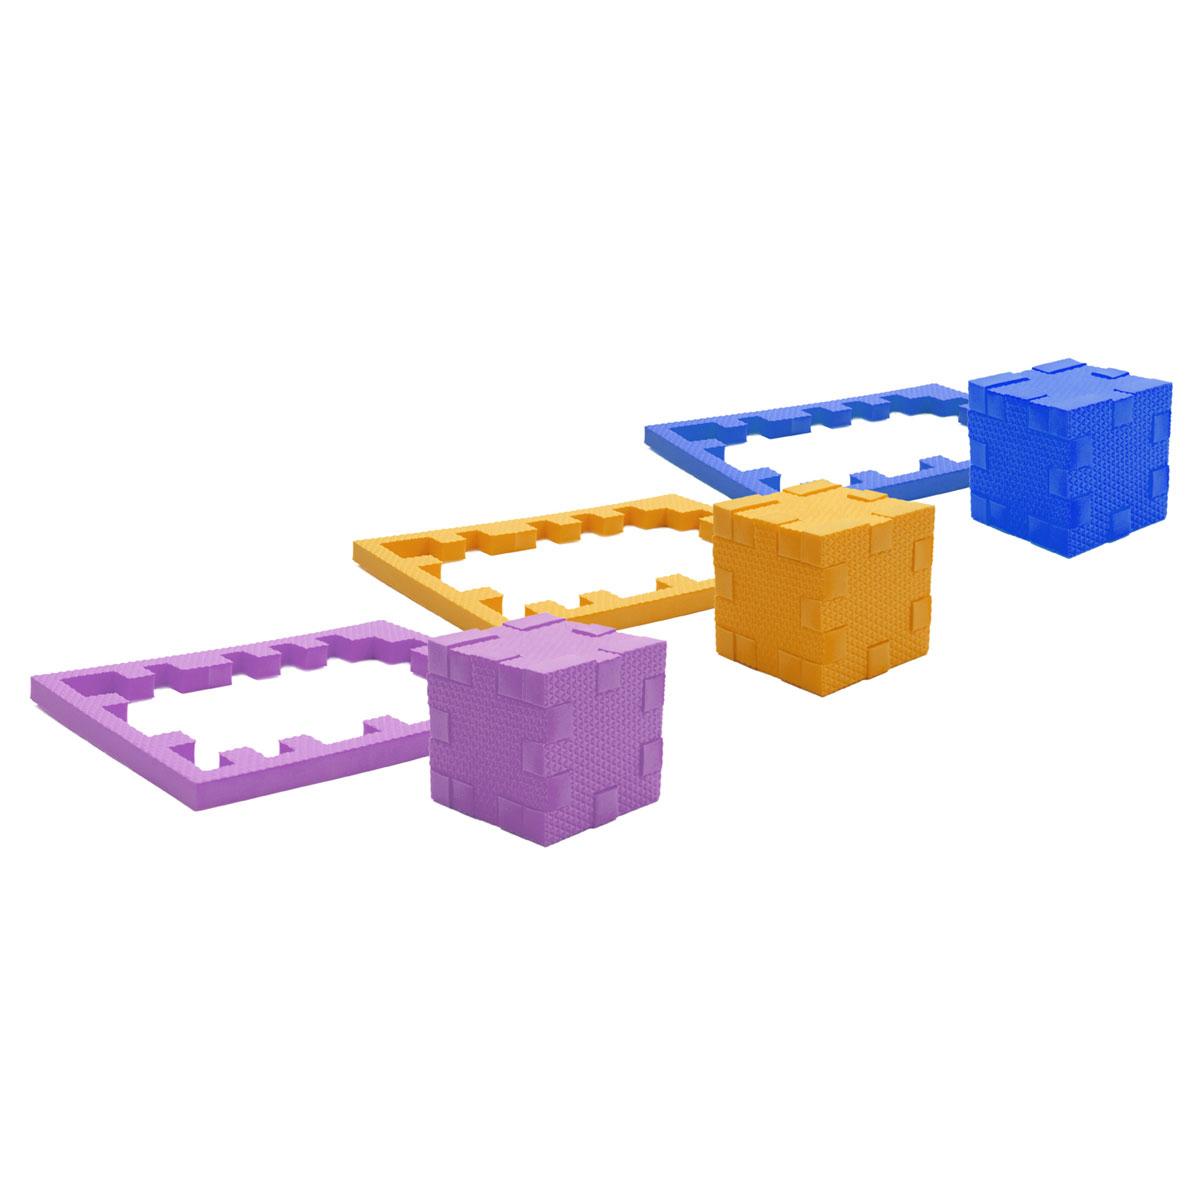 PicnMix Пазл-конструктор Кубикформ Планета111005Игра может проводиться в 2 этапа: на первом этапе ребенок осваивает навыки составления простых элементов головоломки и запоминает 3 цвета, входящие в набор, также он усваивает такие понятия как «планета» и некоторые ключевые элементы, водной, воздушной и земной стихий, которые её составляют; на втором этапе ребенок учится собирать сложные геометрические фигуры.Серия обучающих пазл-конструкторов «Кубикформ» TM Pic&Mix стимулирует развитие мышления, логики, пространственного воображения, памяти, координации, мелкой моторики, а также помогает усвоить навыки тактильного восприятия.